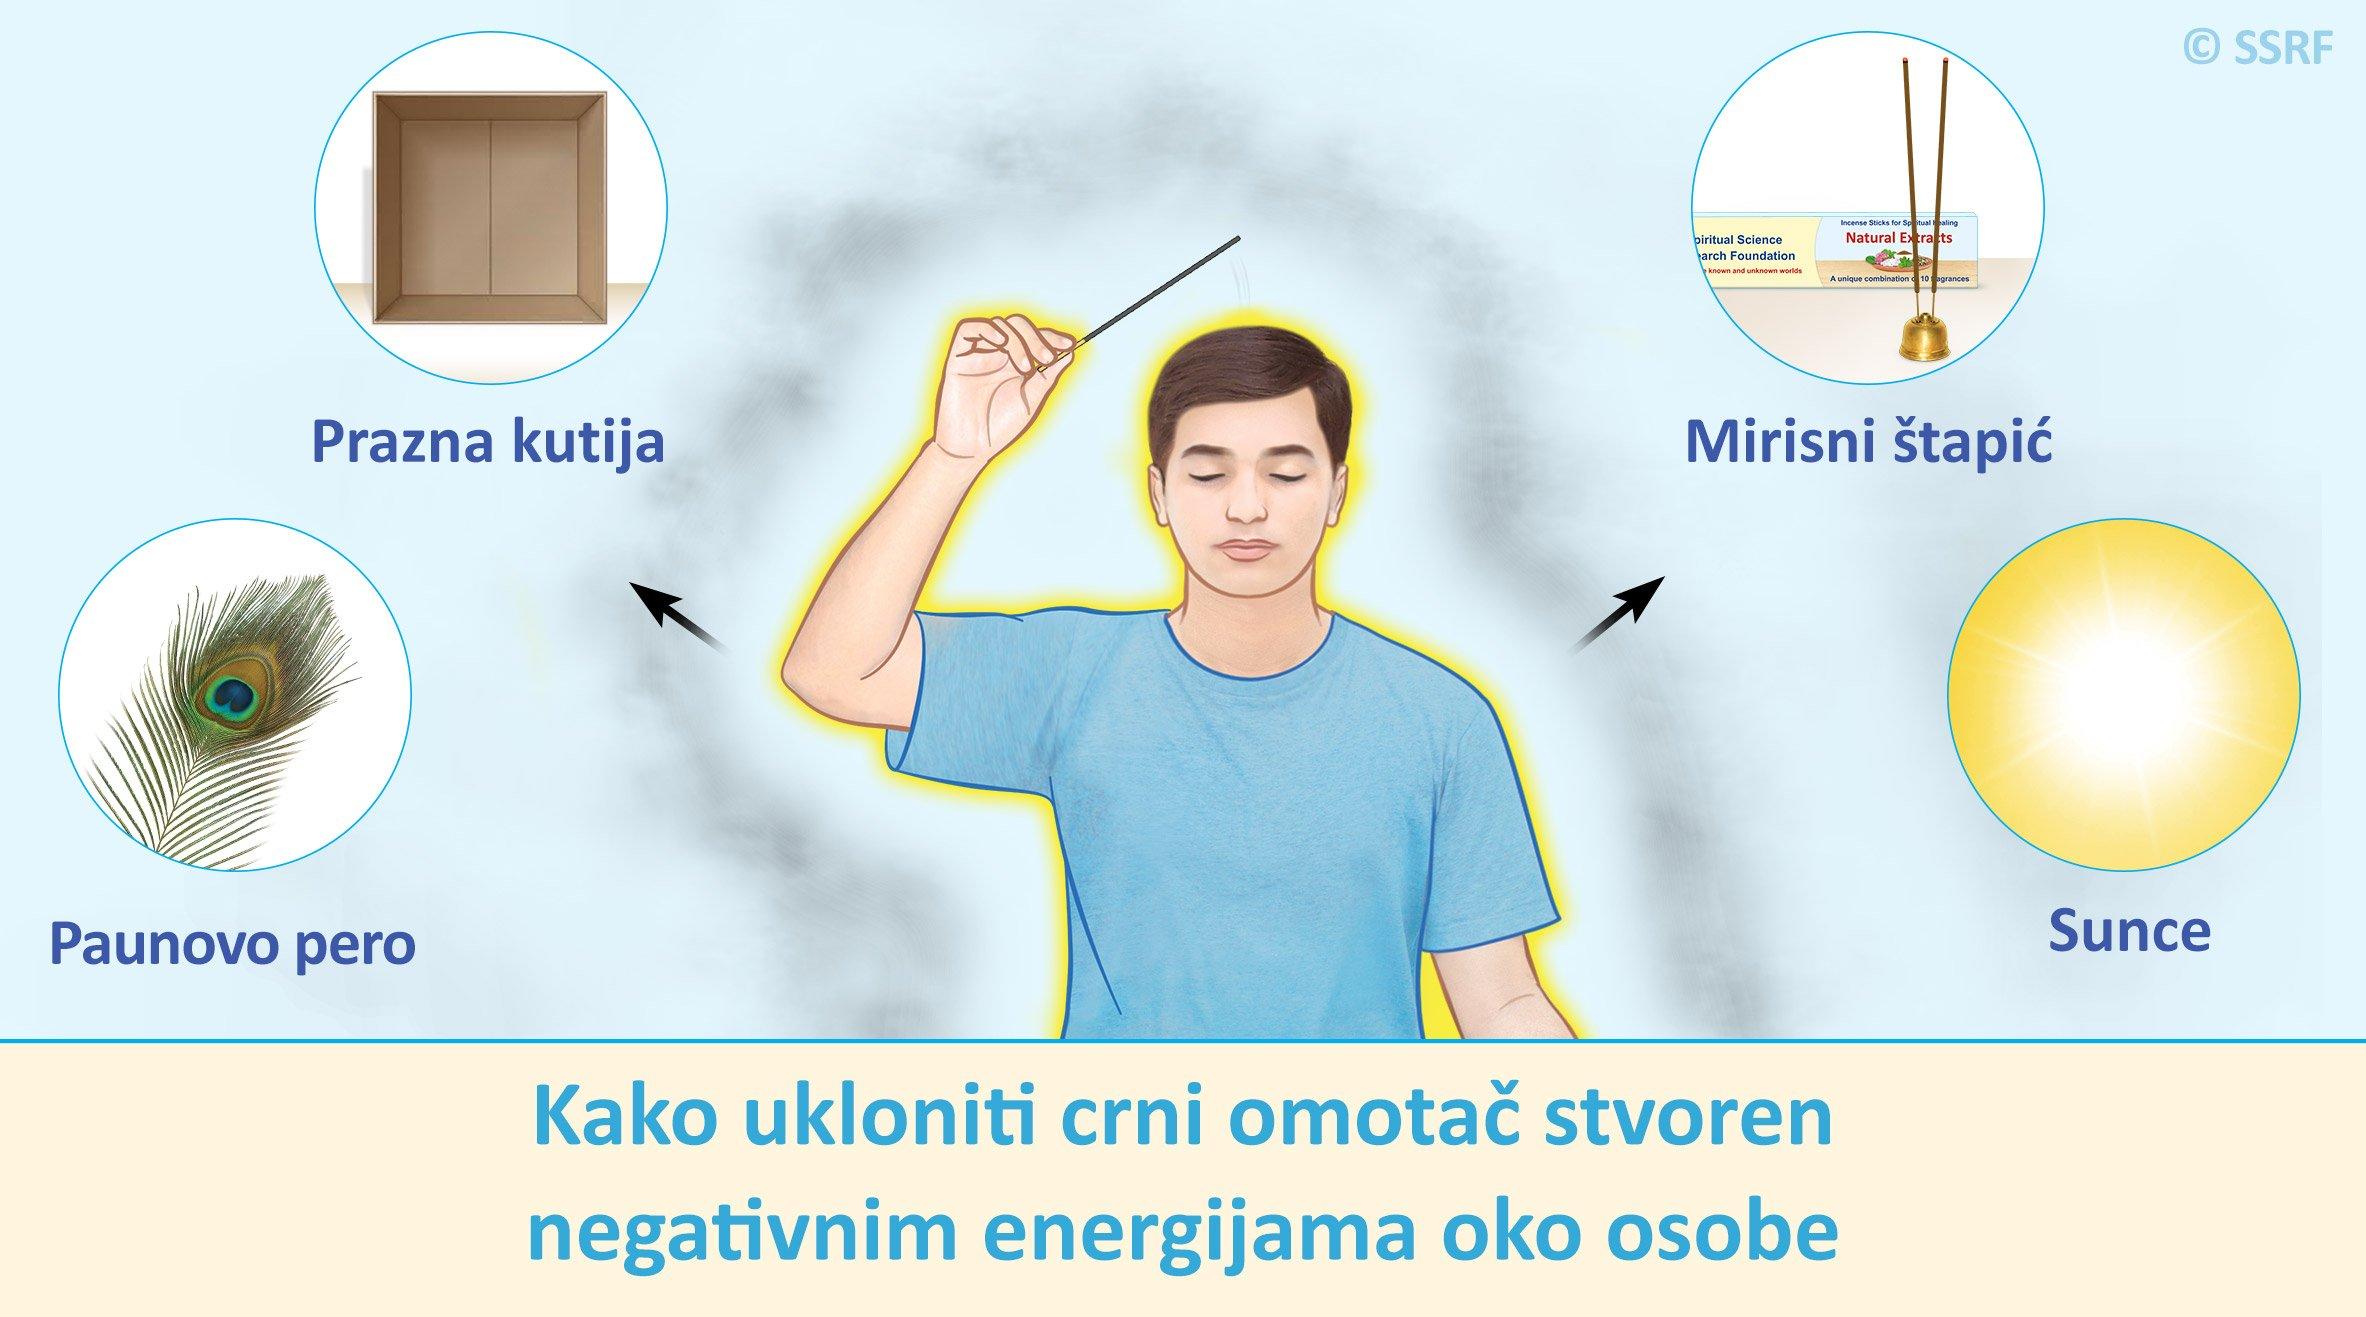 Duhovno čišćenje osobe od crnog omotača stvorenog negativnim energijama